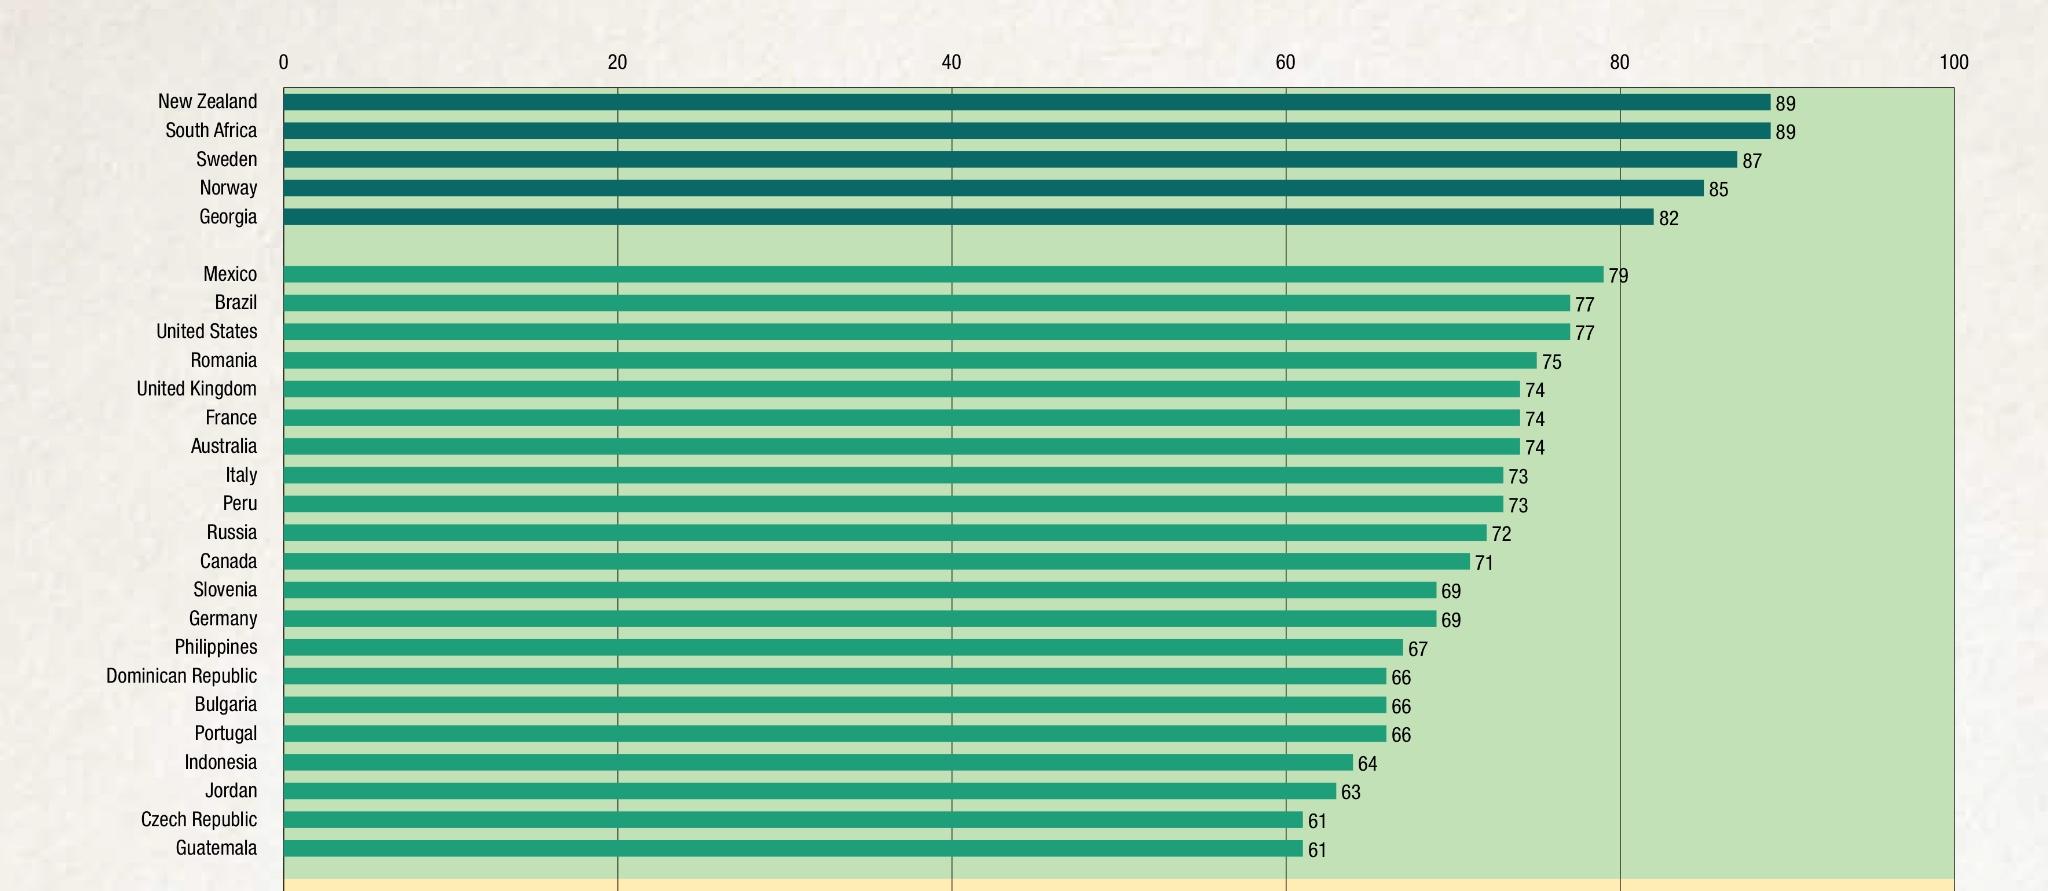 Мировой индекс прозрачности бюджетов - green